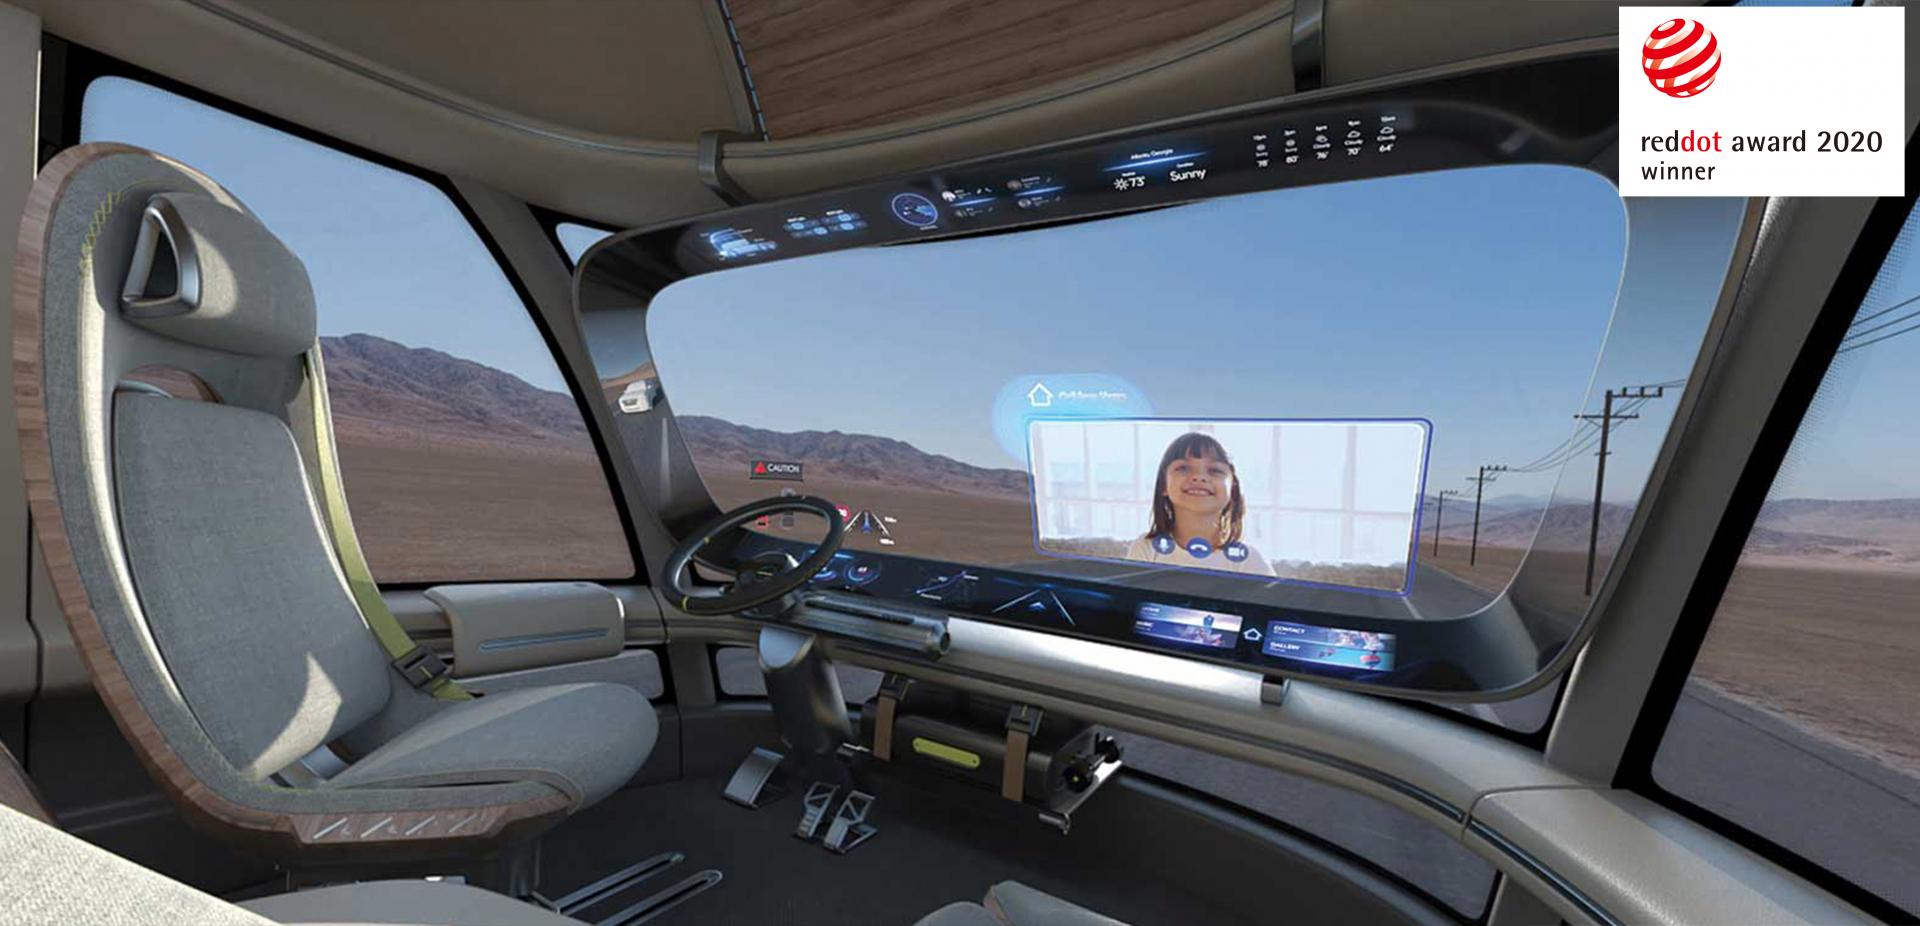 Компанія Hyundai Motor отримала три нагороди Red Dot Award 2020 за концептуальний дизайн | Олимп Мотор - фото 12